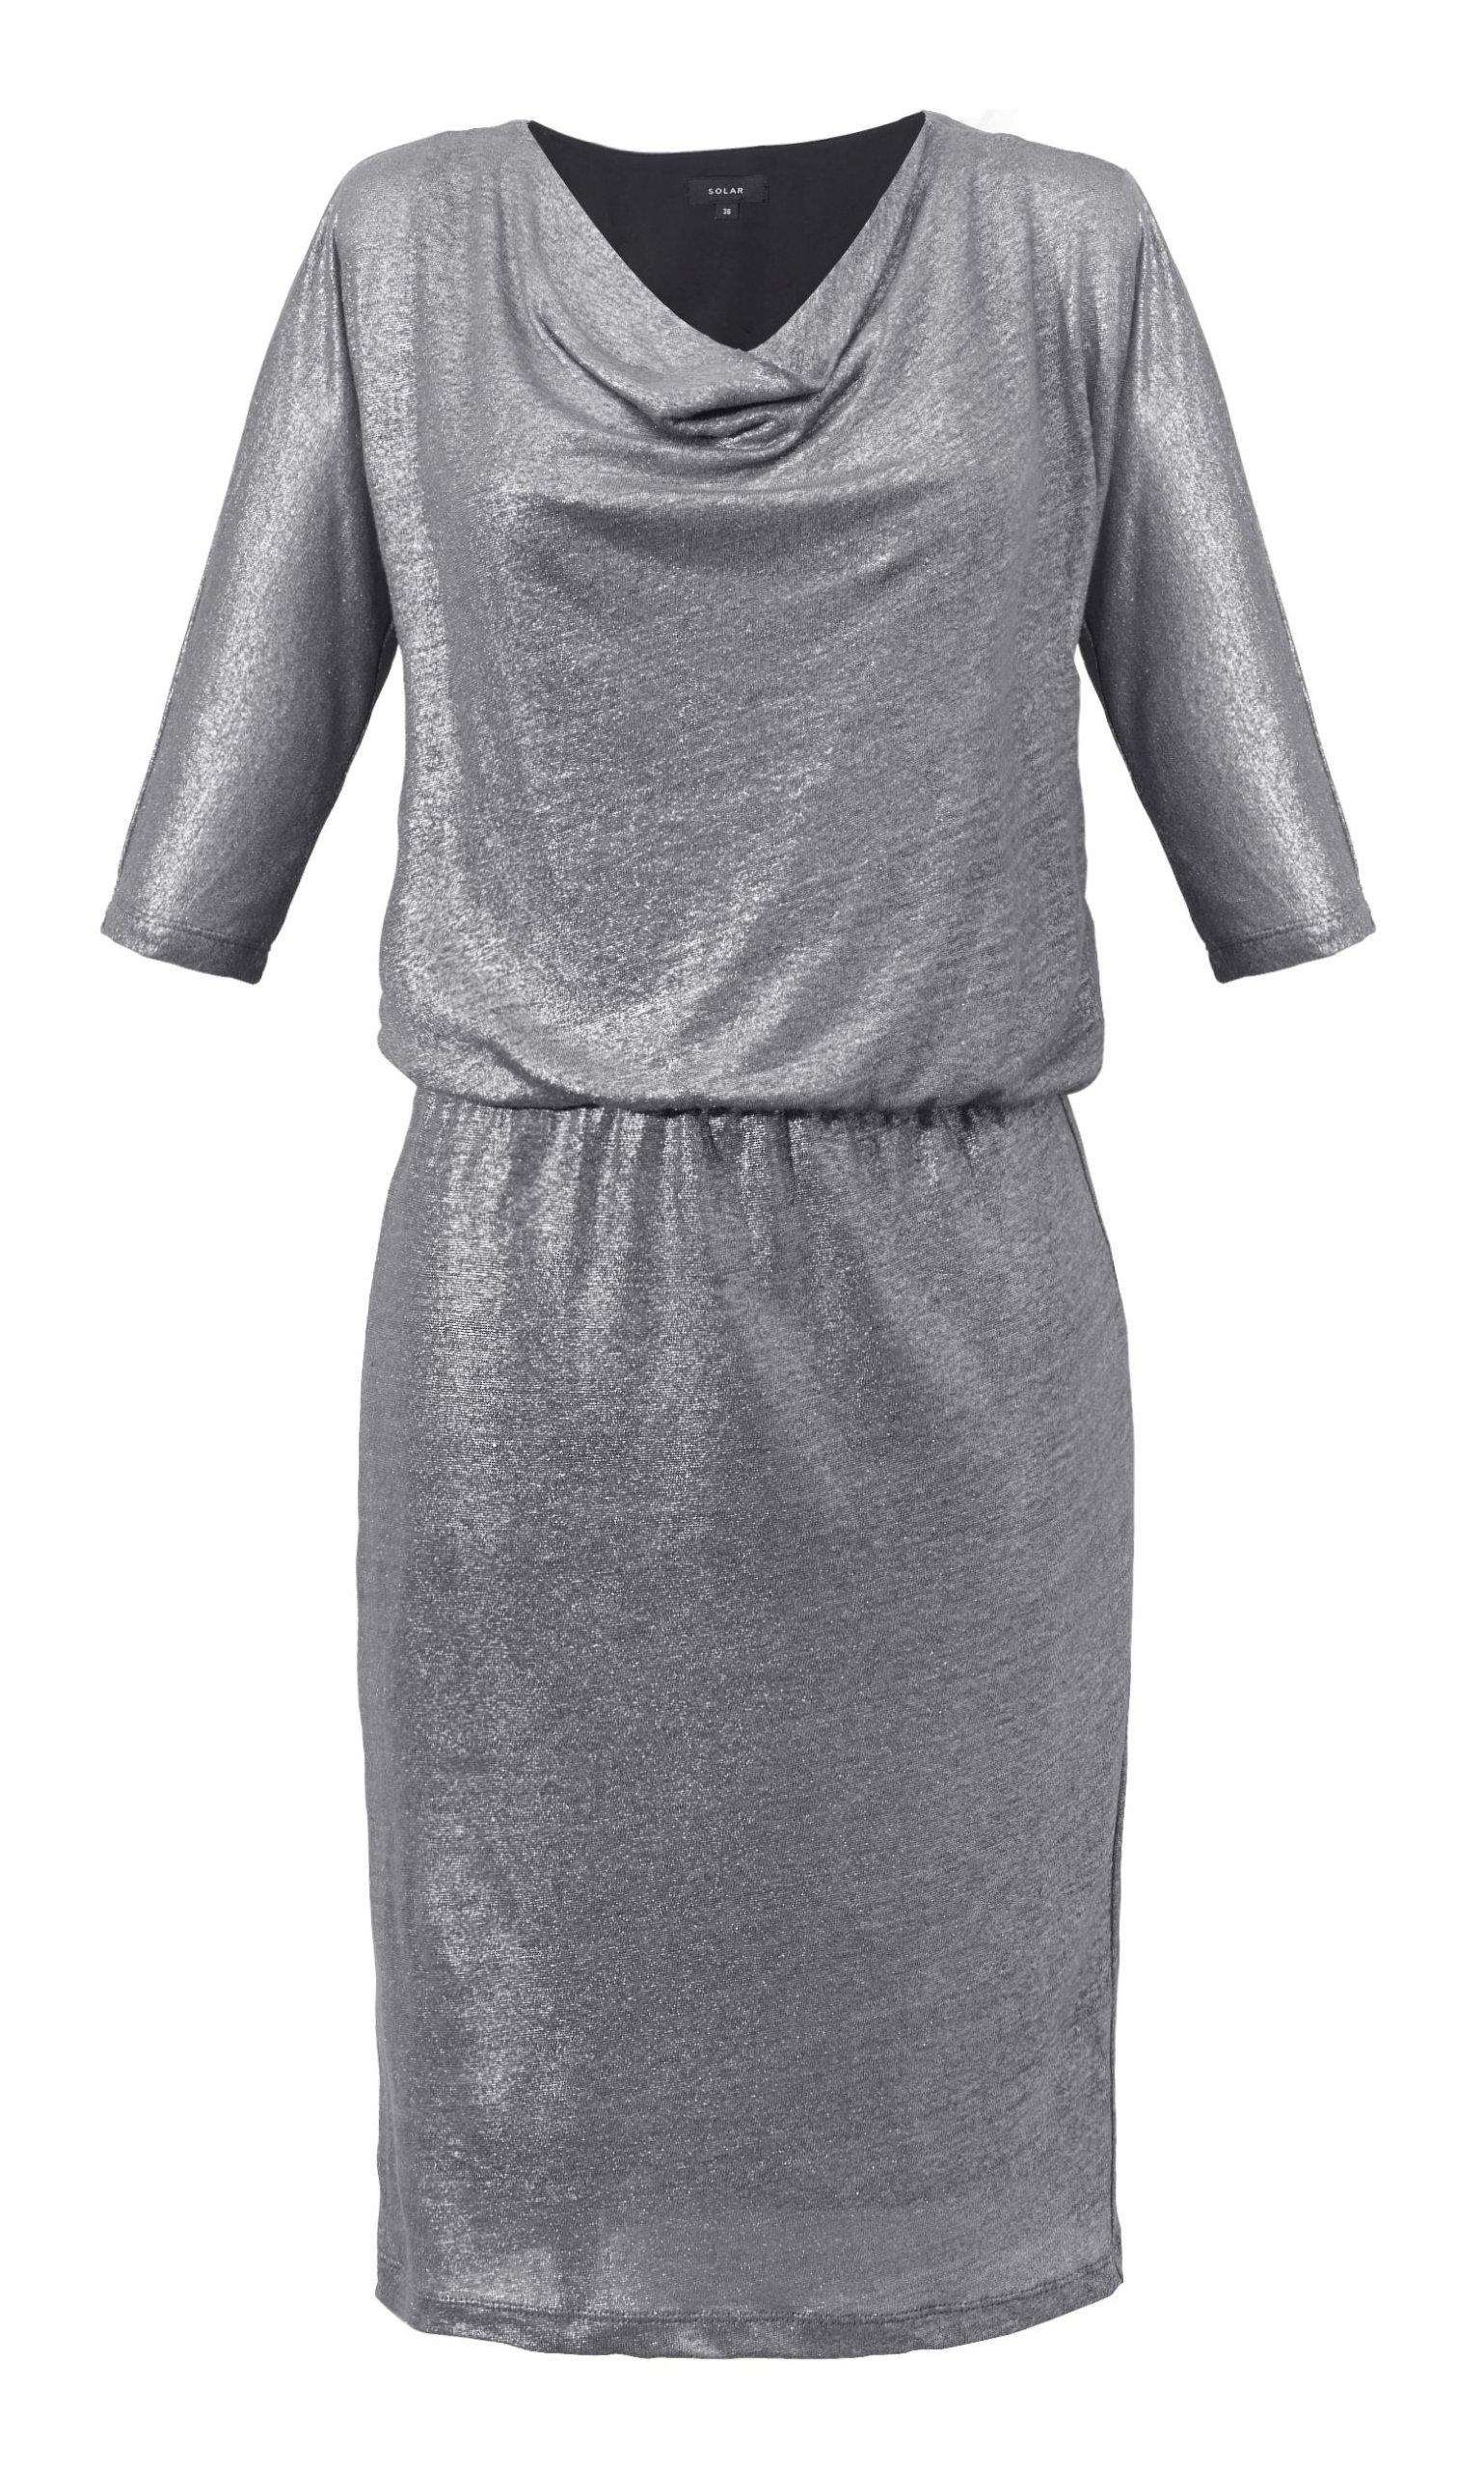 be955850a7 SOLAR sukienka Nowa 36 S - 7136238153 - oficjalne archiwum allegro